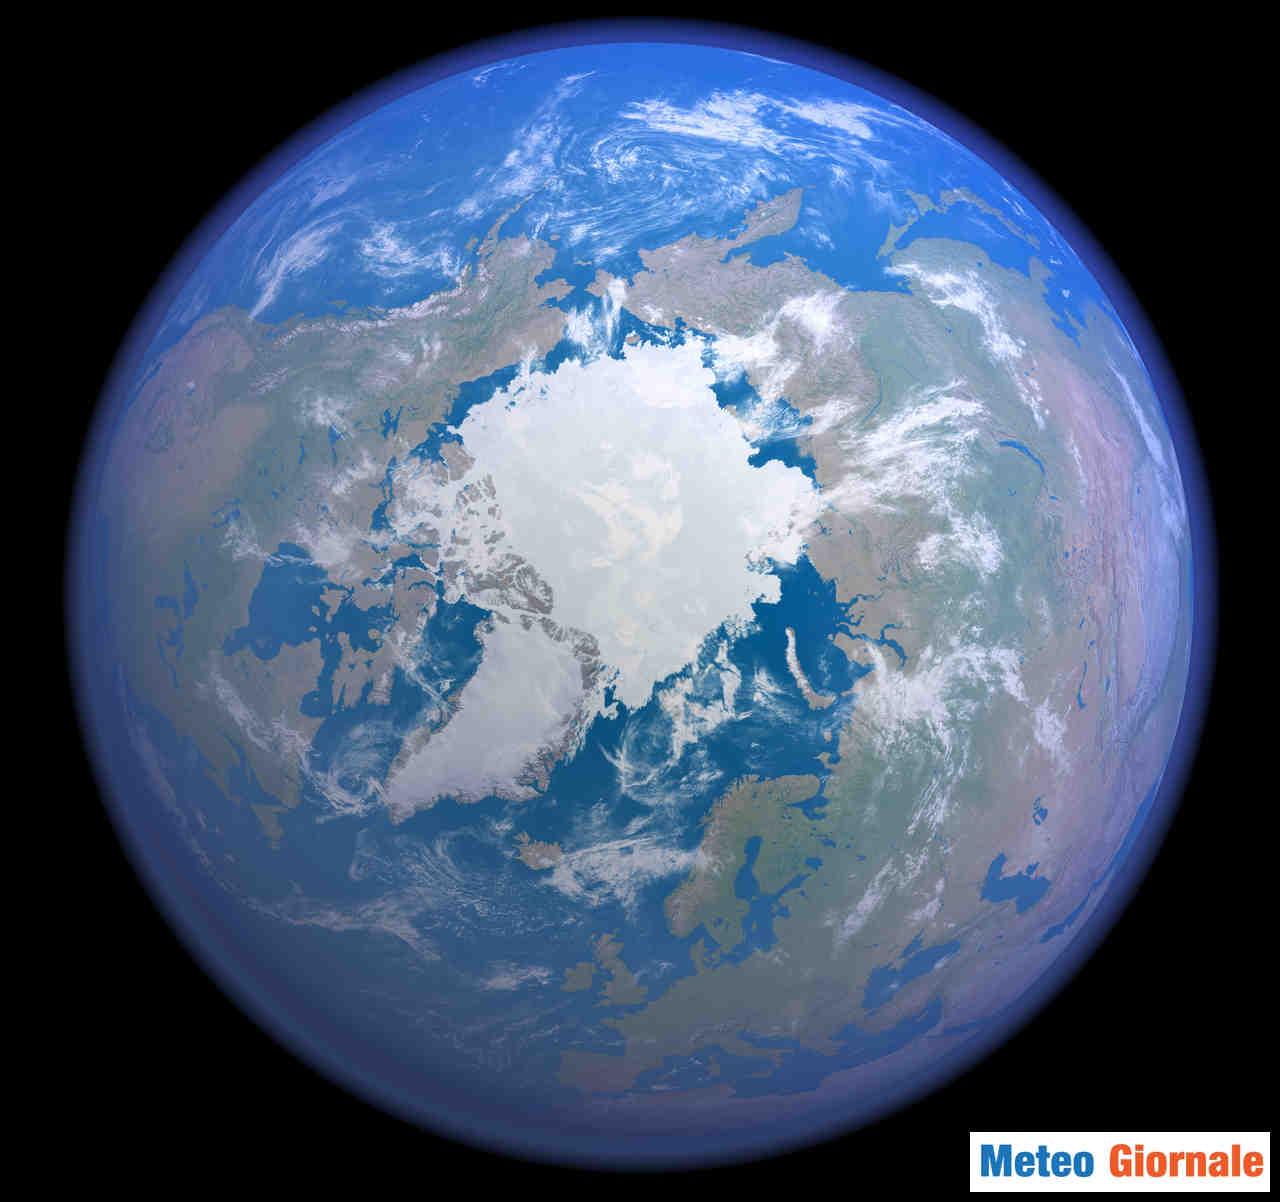 meteo giornale 00004 2 - Anomalo freddo in Europa, GELO negli USA. E il RISCALDAMENTO globale è sparito?